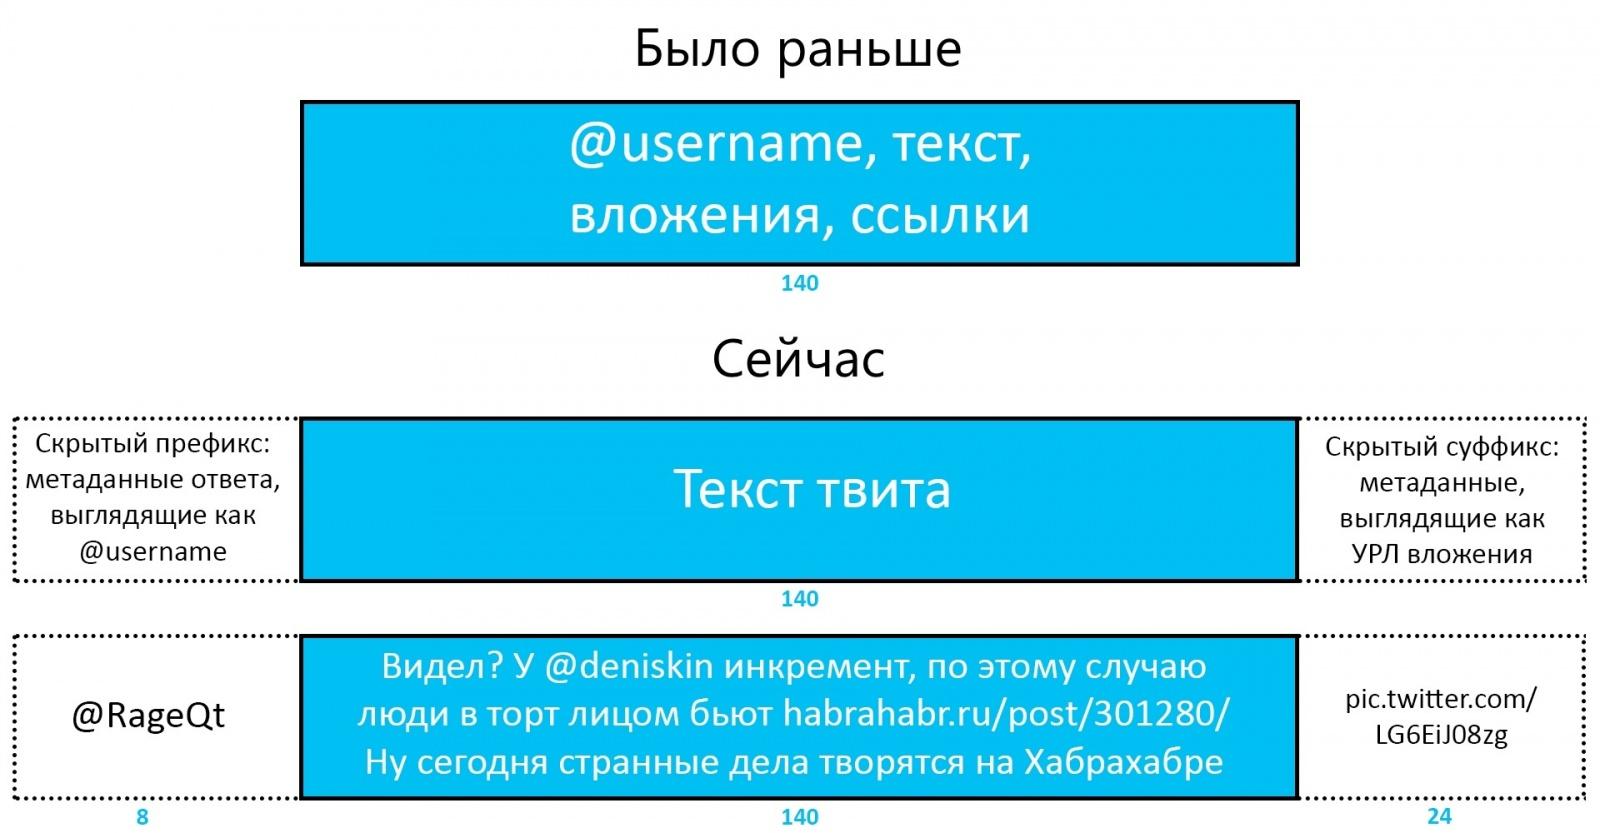 Twitter перестал учитывать ссылки и прикрепленные файлы в длине твита - 1